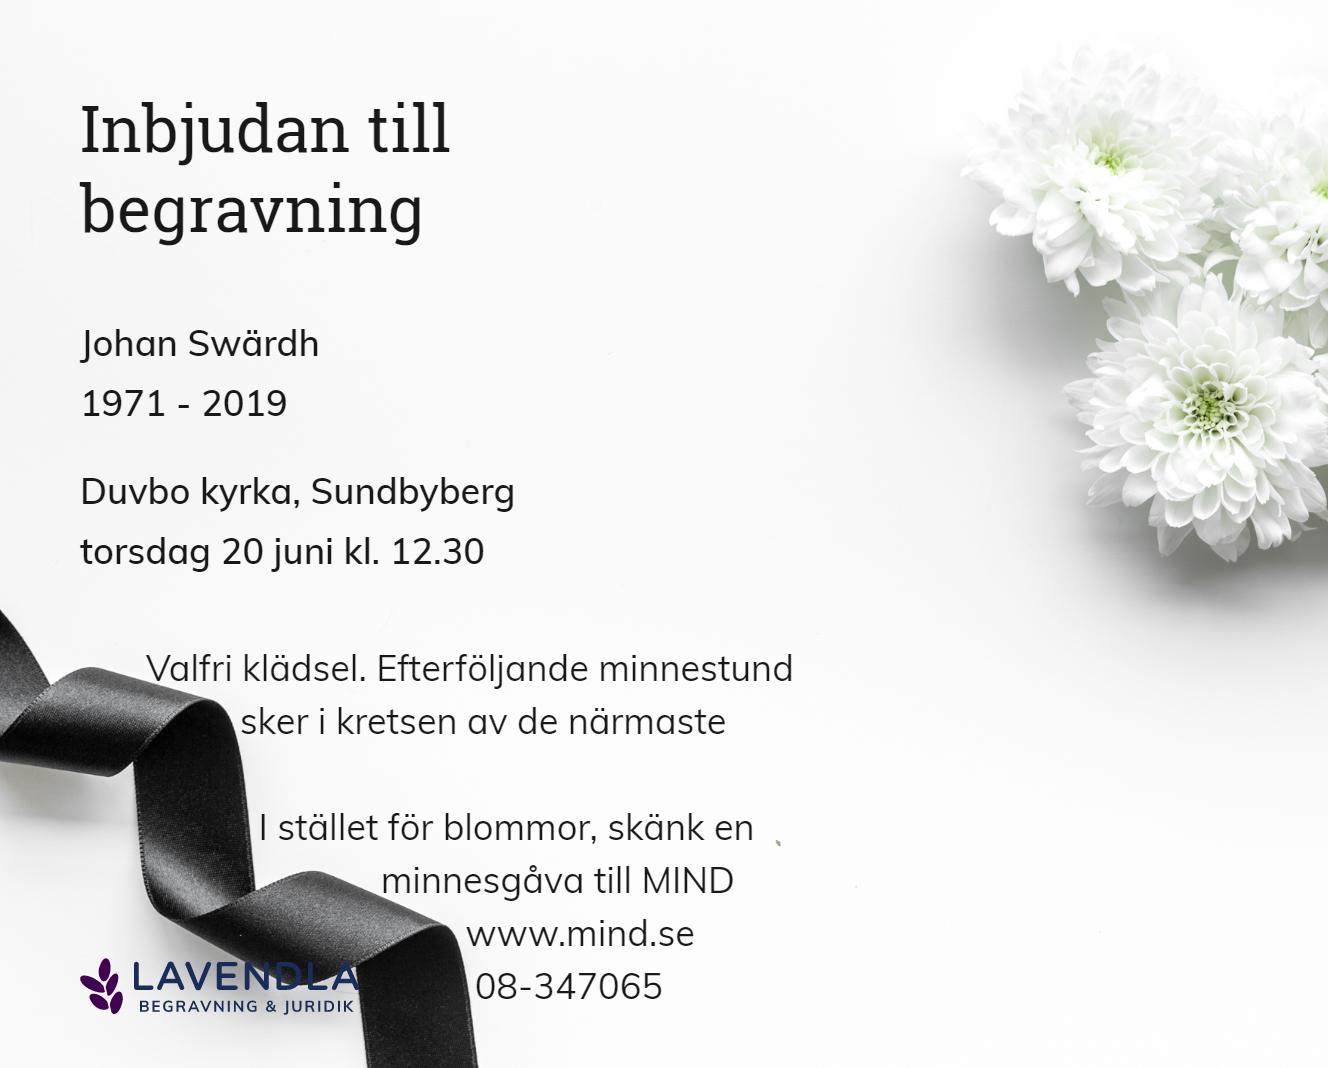 Inbjudningskort till ceremonin för Johan Swärdh